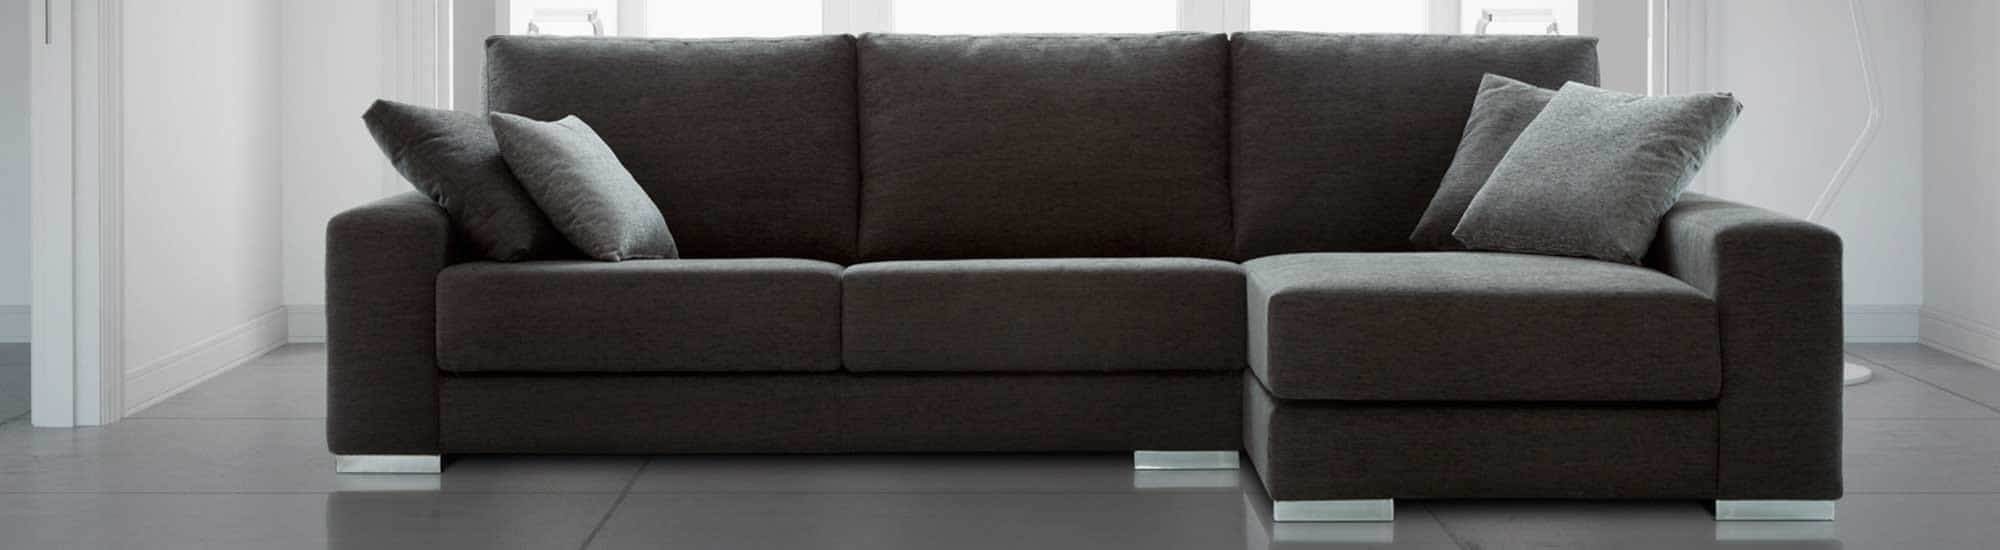 Tienda de sof s online fabrica de sof s en valencia for Liquidacion sofas online